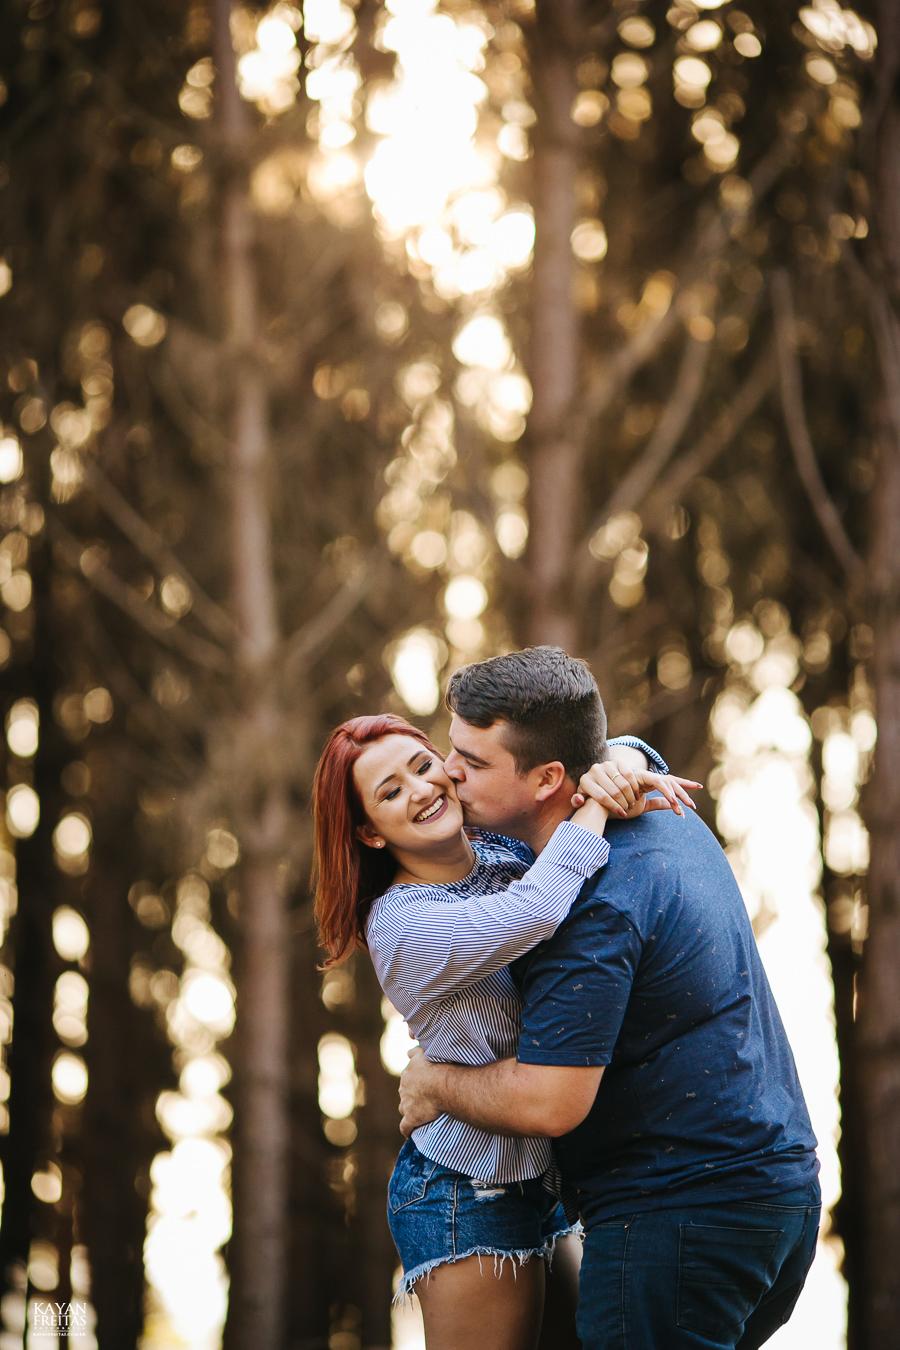 pre-casamento-serra-catarinense-0029 Ellen e Daniel - Sessão pré Casamento na Serra